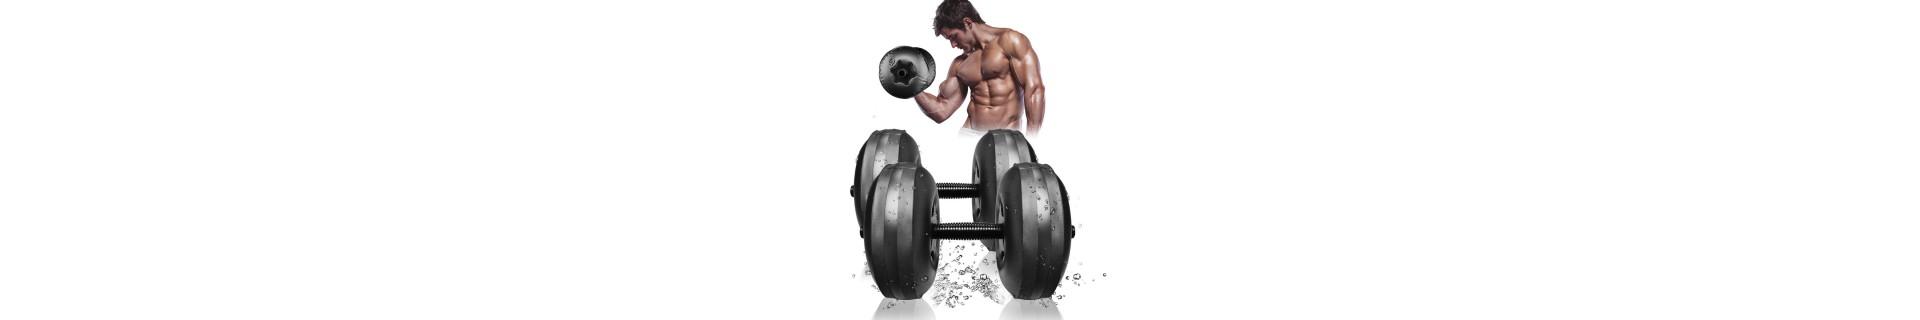 manubri componibili  elastici da allenamento, elastici fitness